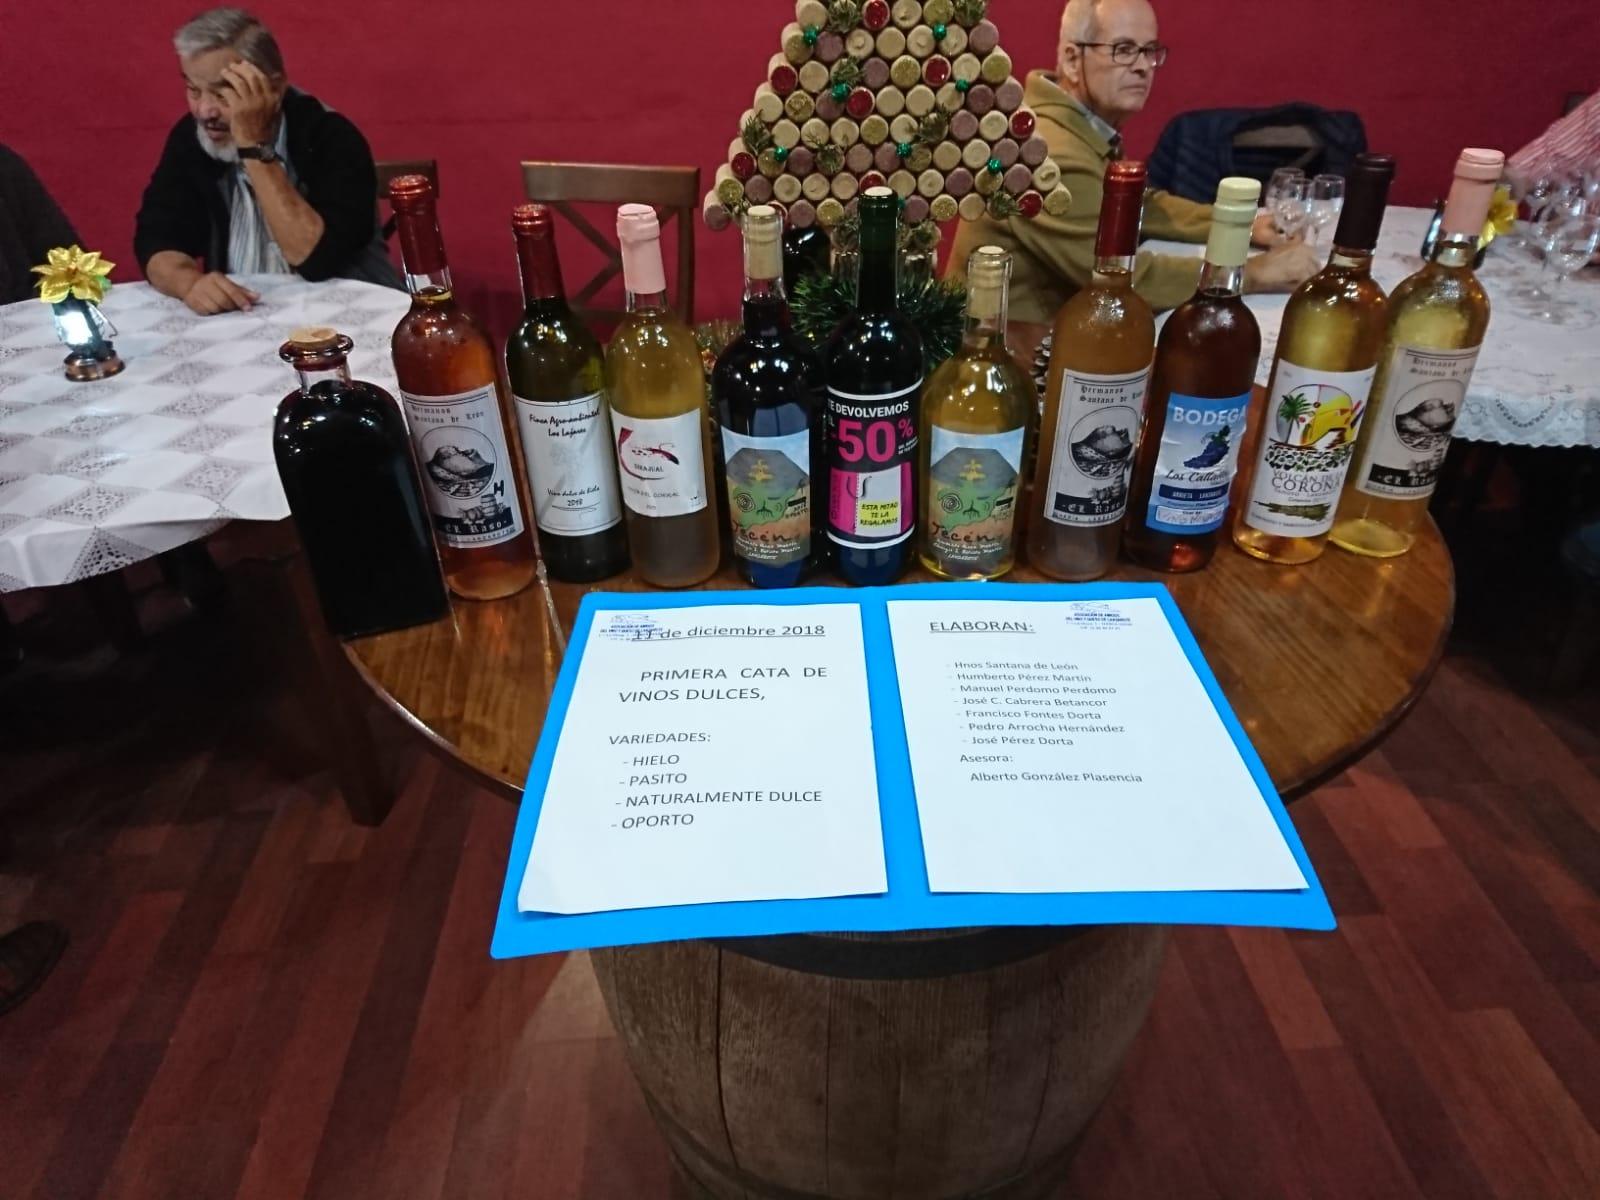 La Tegala acoge una cata de vinos dulces del mundo elaborados en Lanzarote